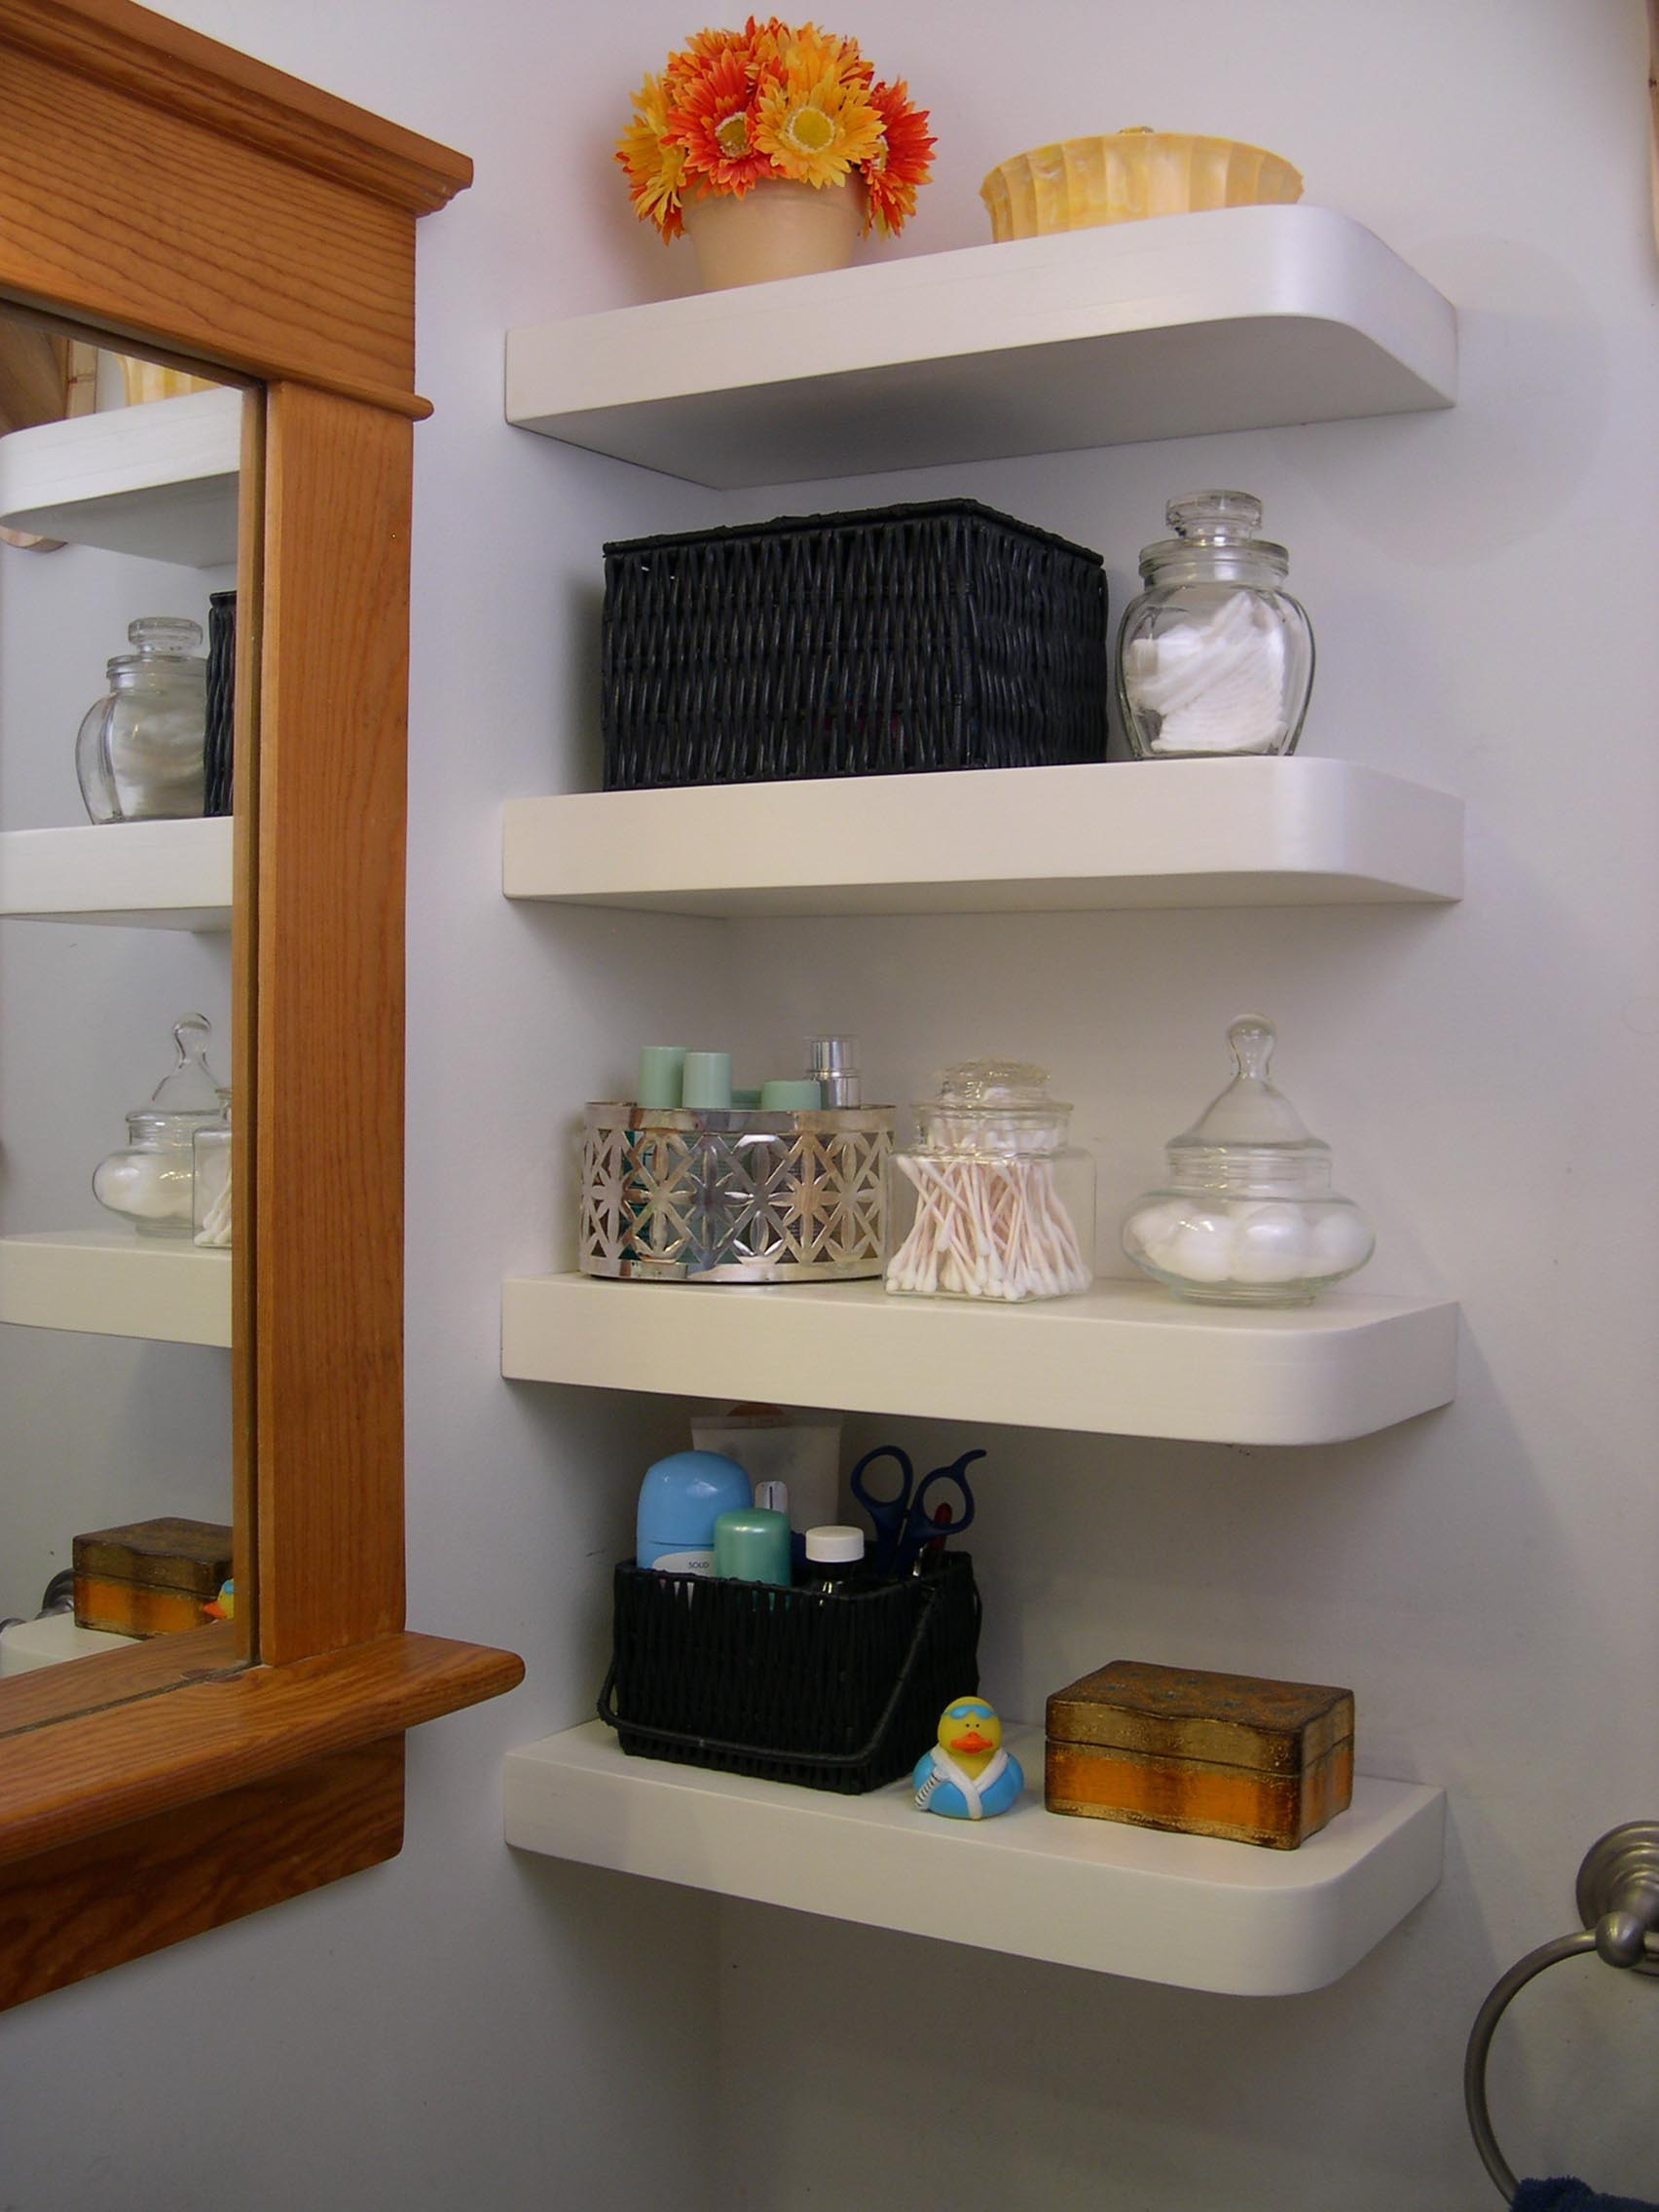 Floating Corner Wall Shelves